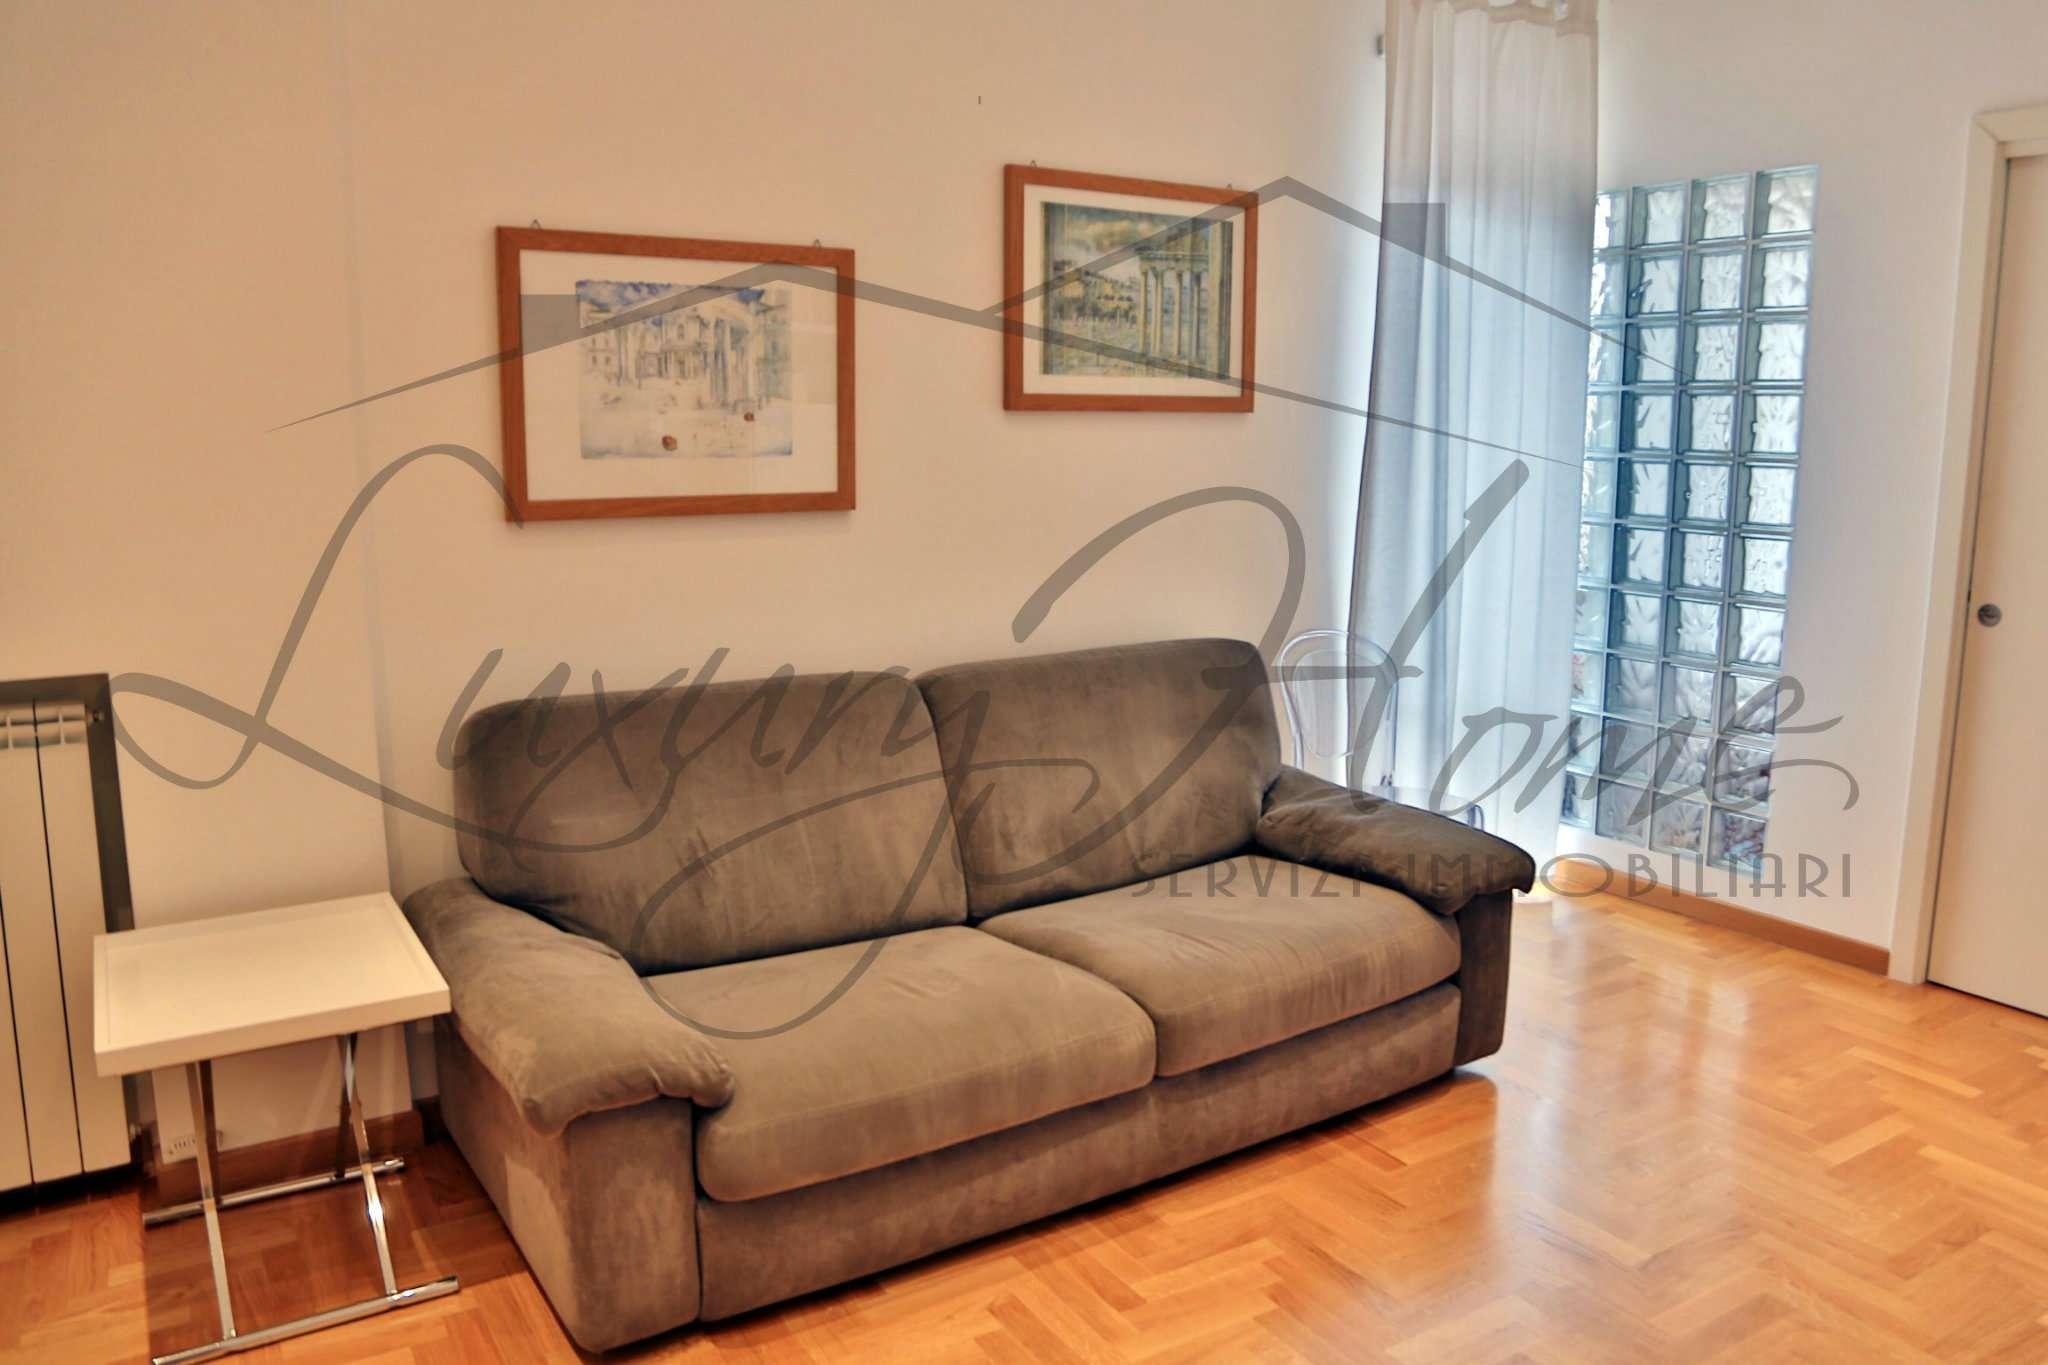 Appartamento in vendita 3 vani 65 mq.  via pellegrino matteucci Roma